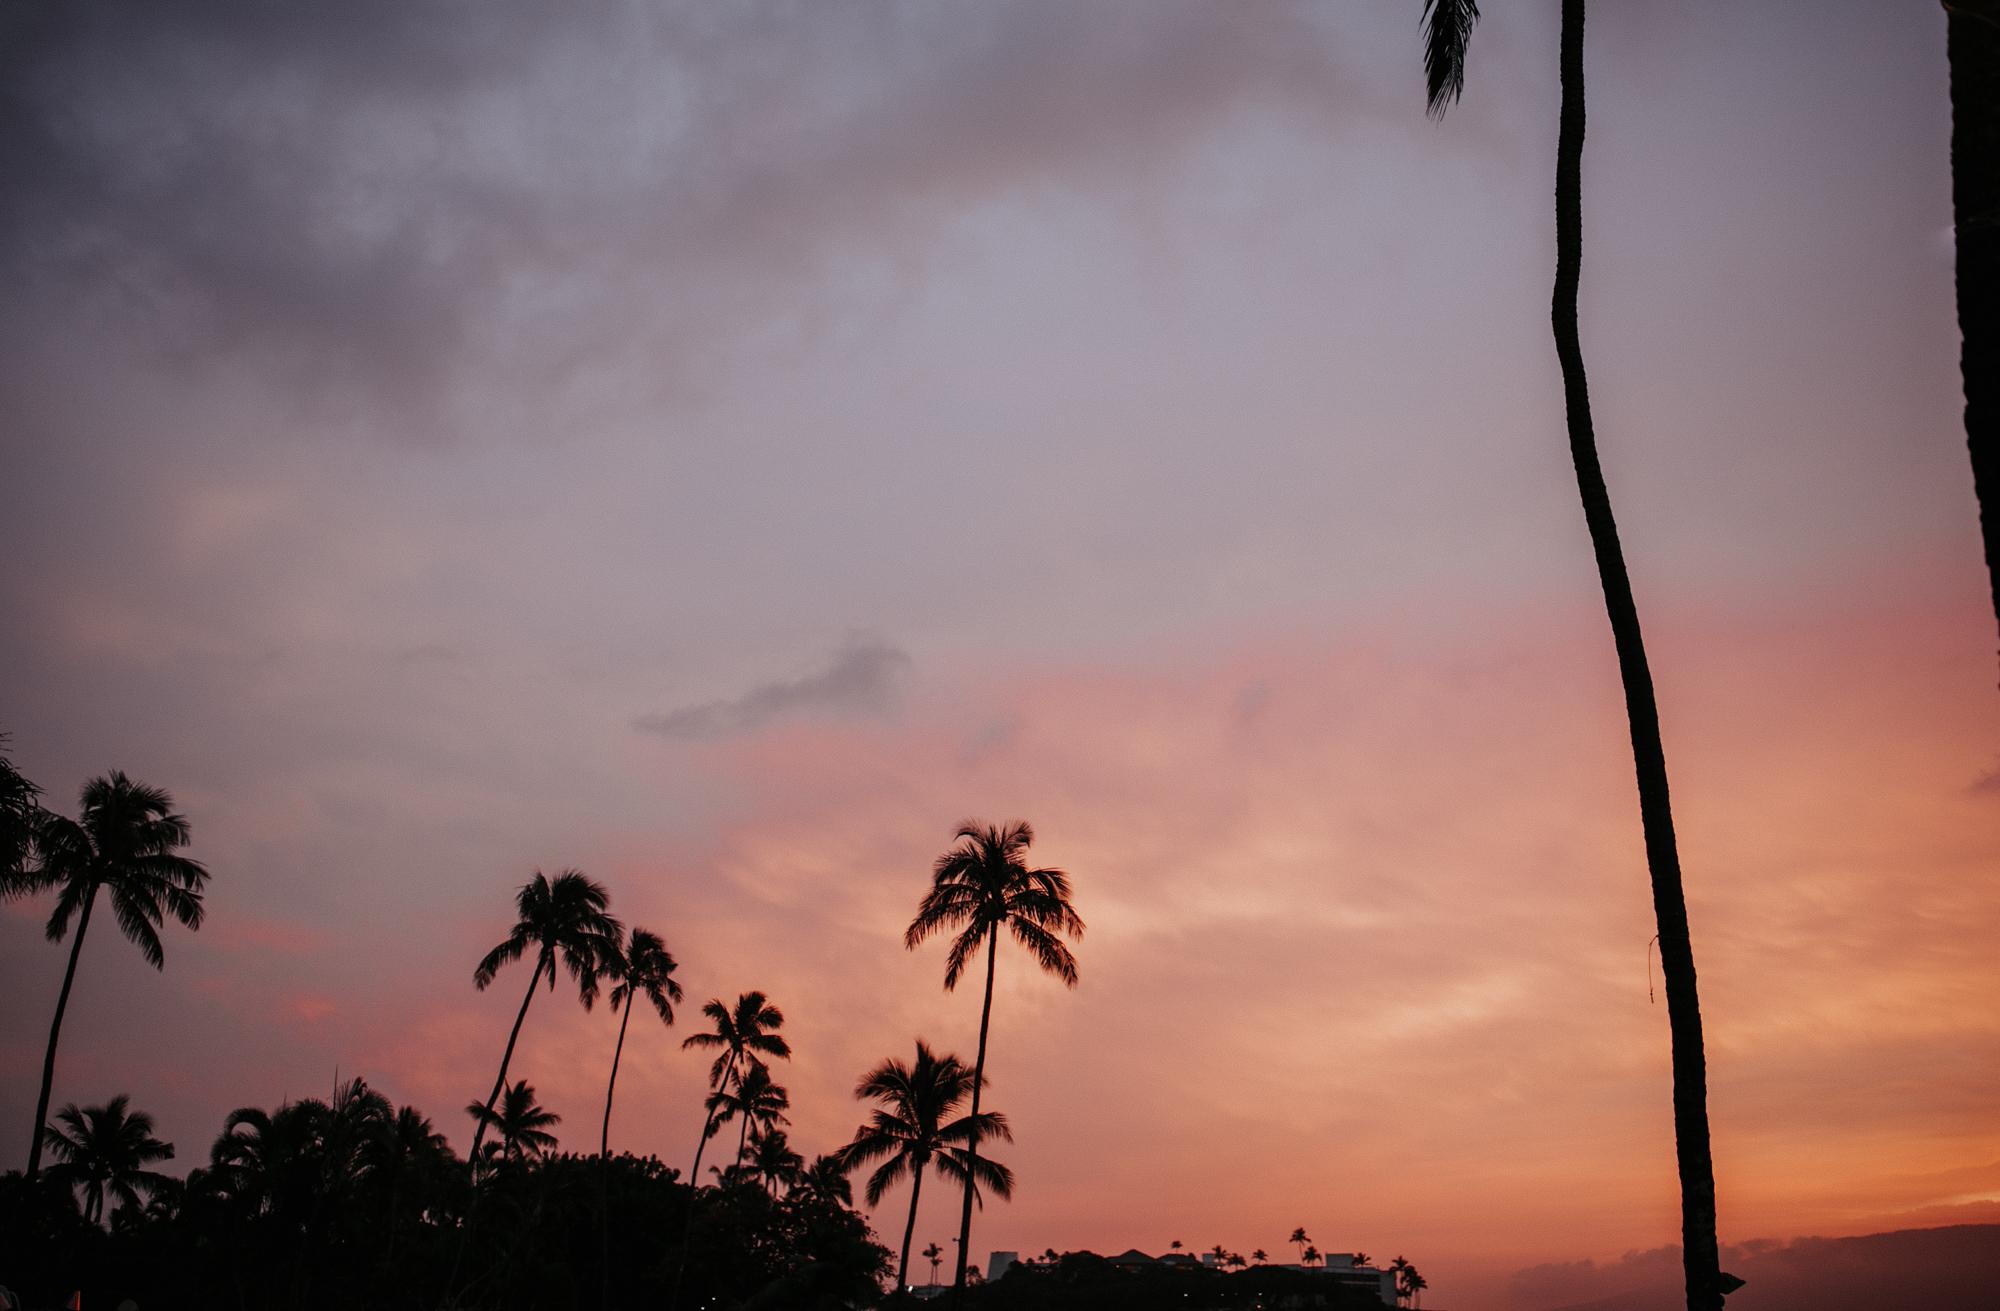 destination-wedding-photographer-hawaii-maui-elopement-104.jpg